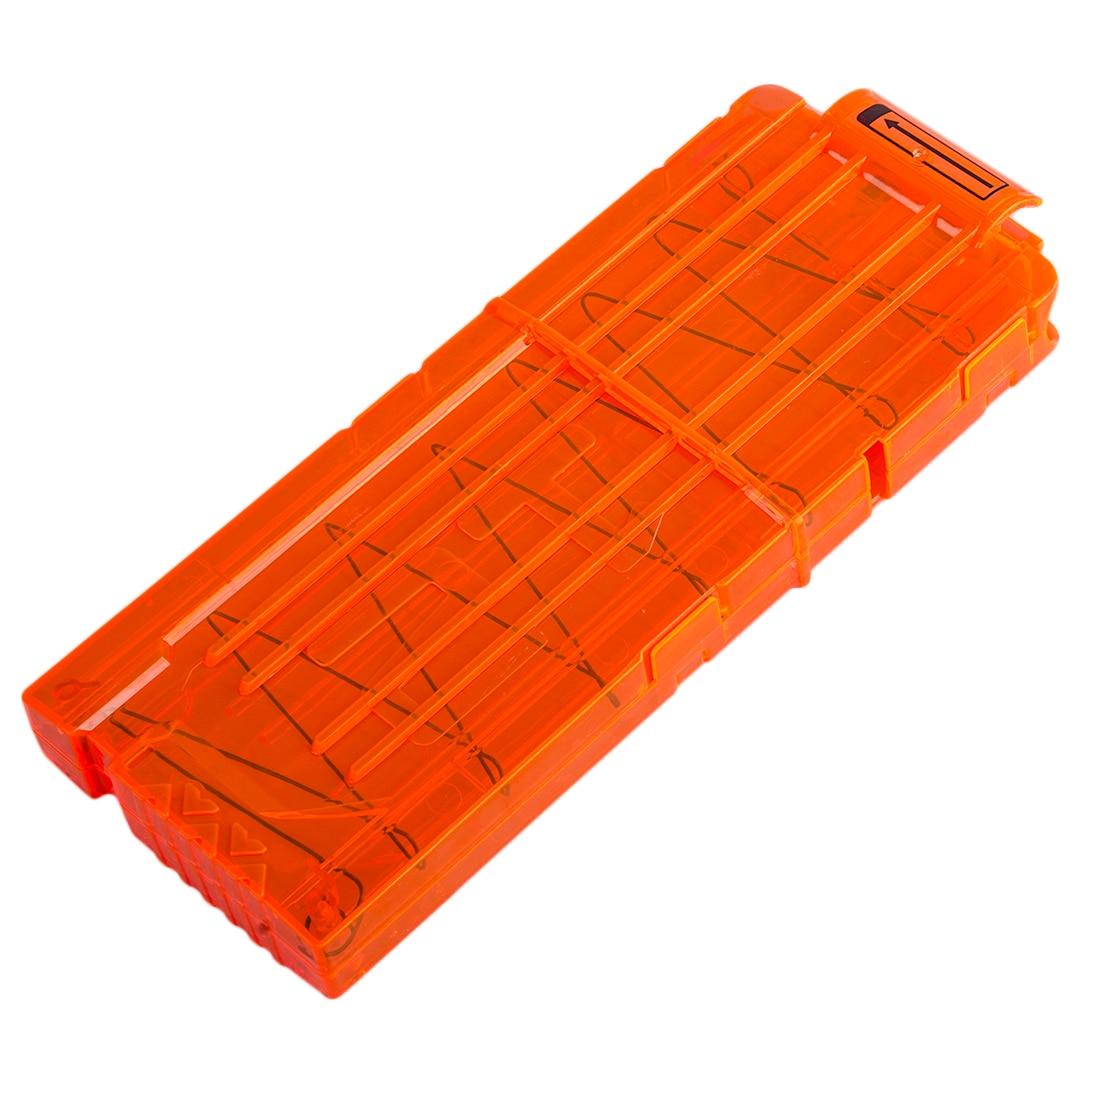 12-Reload-Clip-Magazines-Round-Darts-Replacement-Plastic-Magazine-Toy-Gun-Soft-Bullet-Clip-Orange-N-Strike-Elite-Kids-2